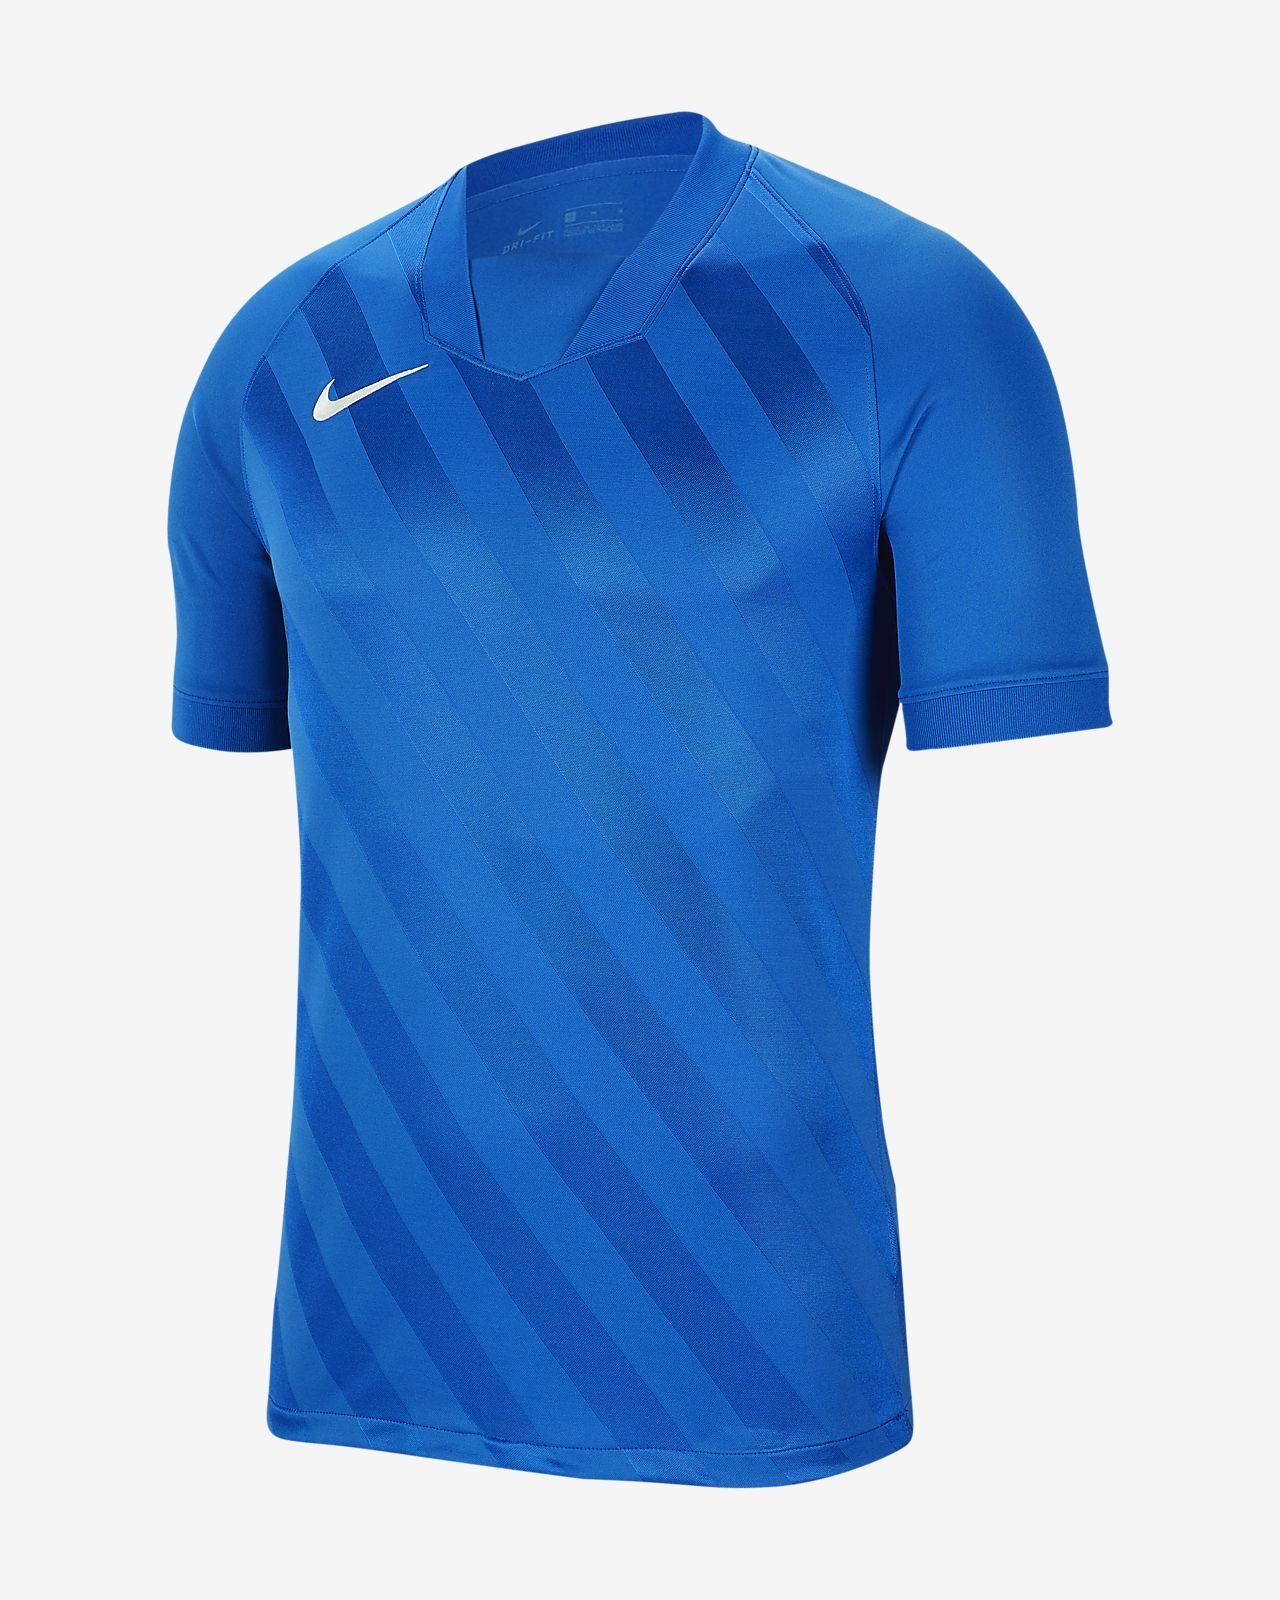 Fotbollströja Nike Dri-FIT Challenge 3 för män